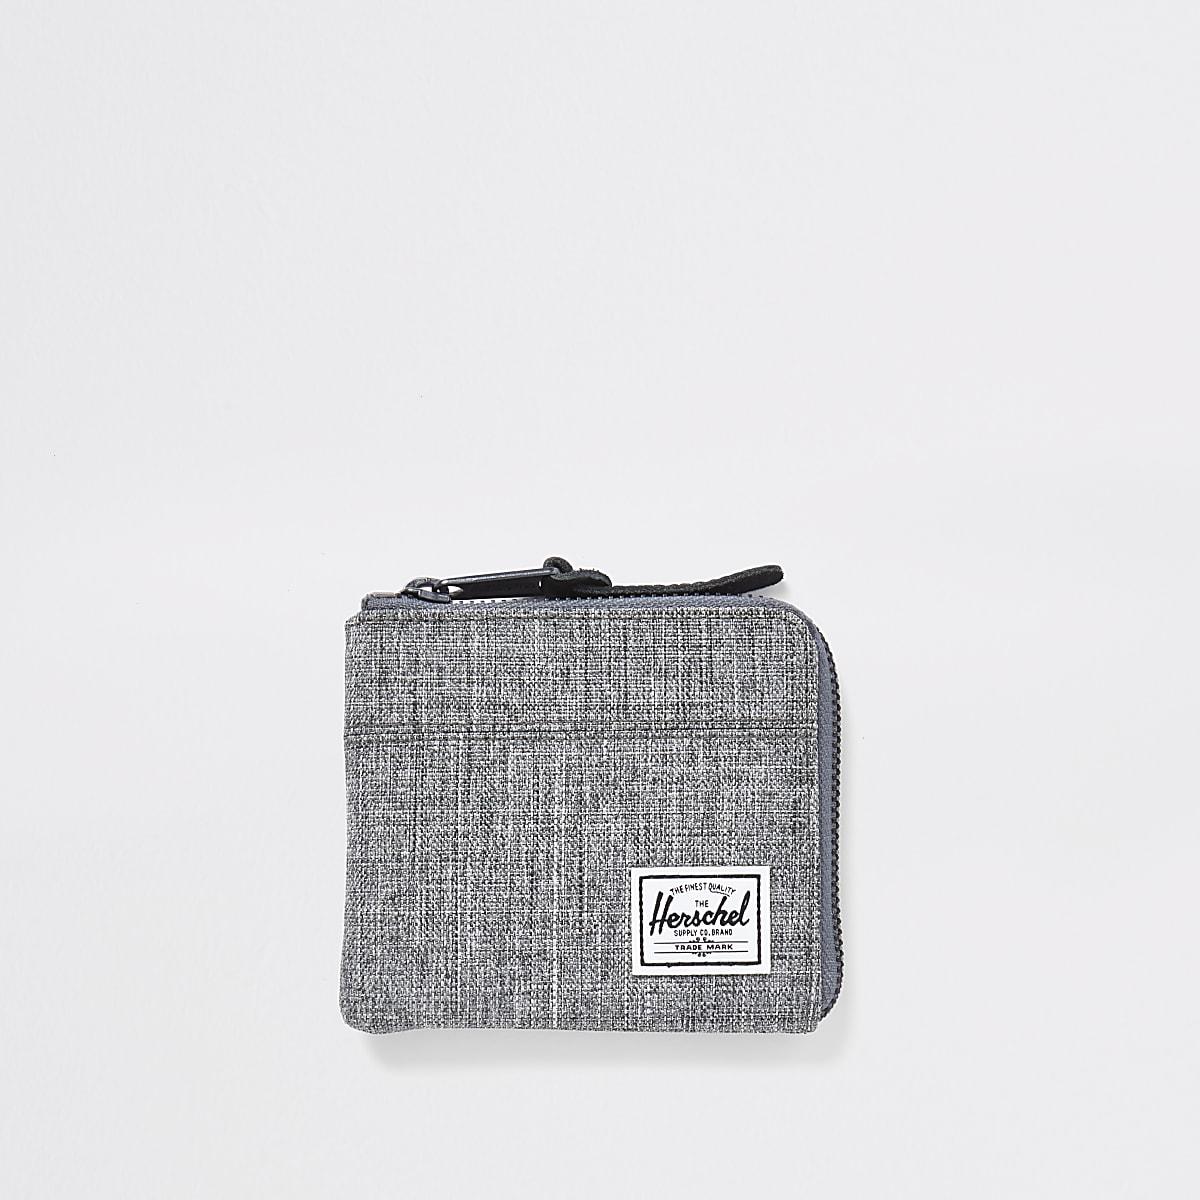 Herschel grey zip around wallet